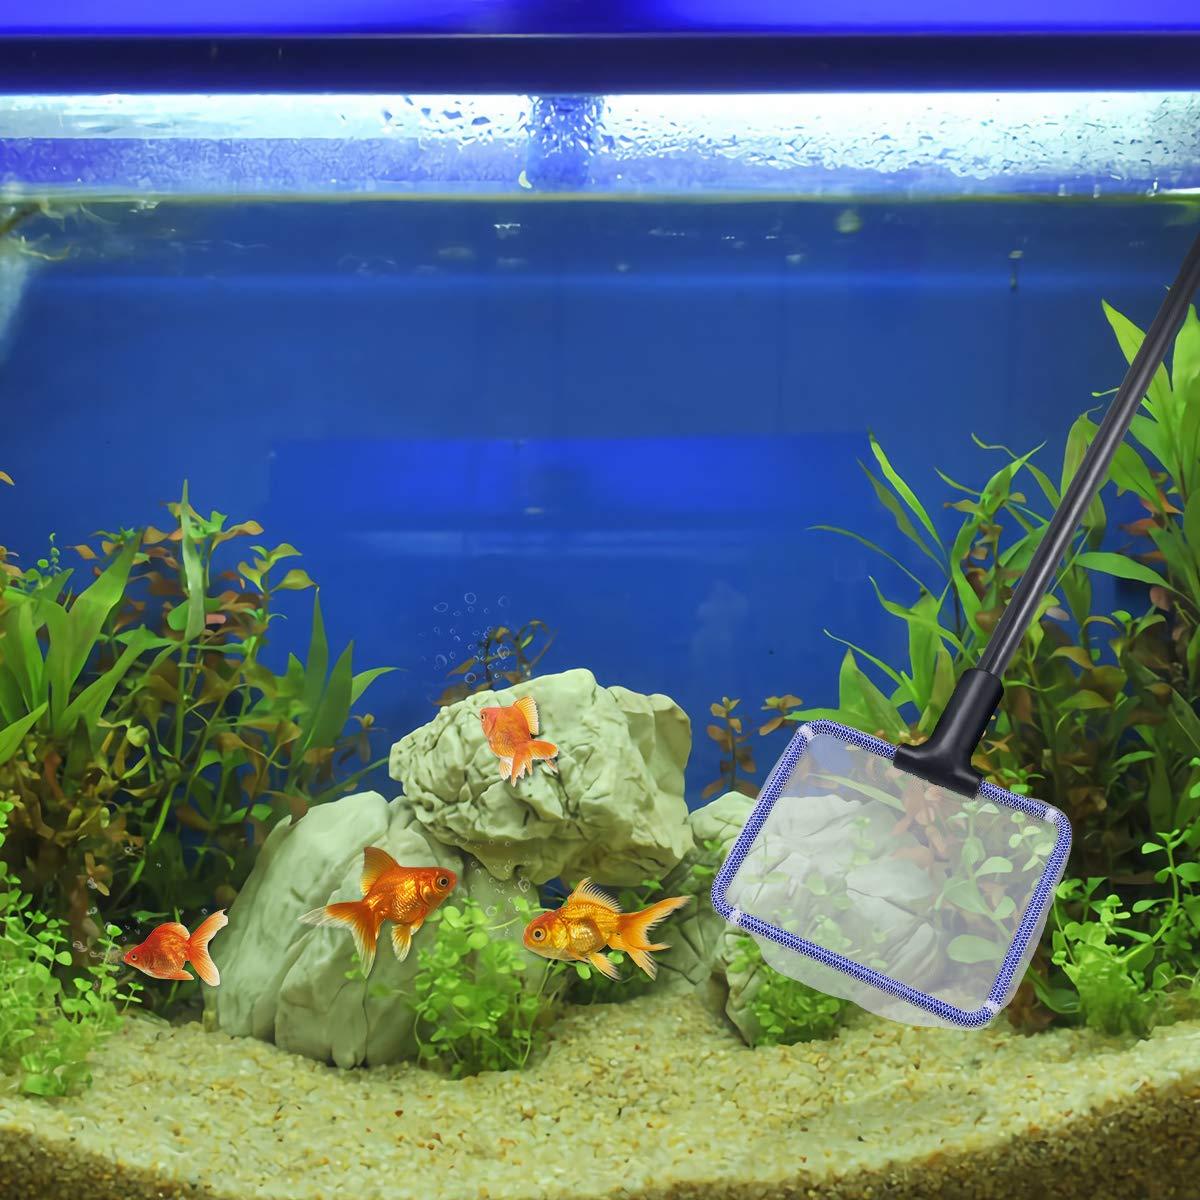 NUOLUX Acuario Depósito de cristal 5 en 1 kit de limpieza Grava Rake Algas Herramienta de limpieza: Amazon.es: Productos para mascotas